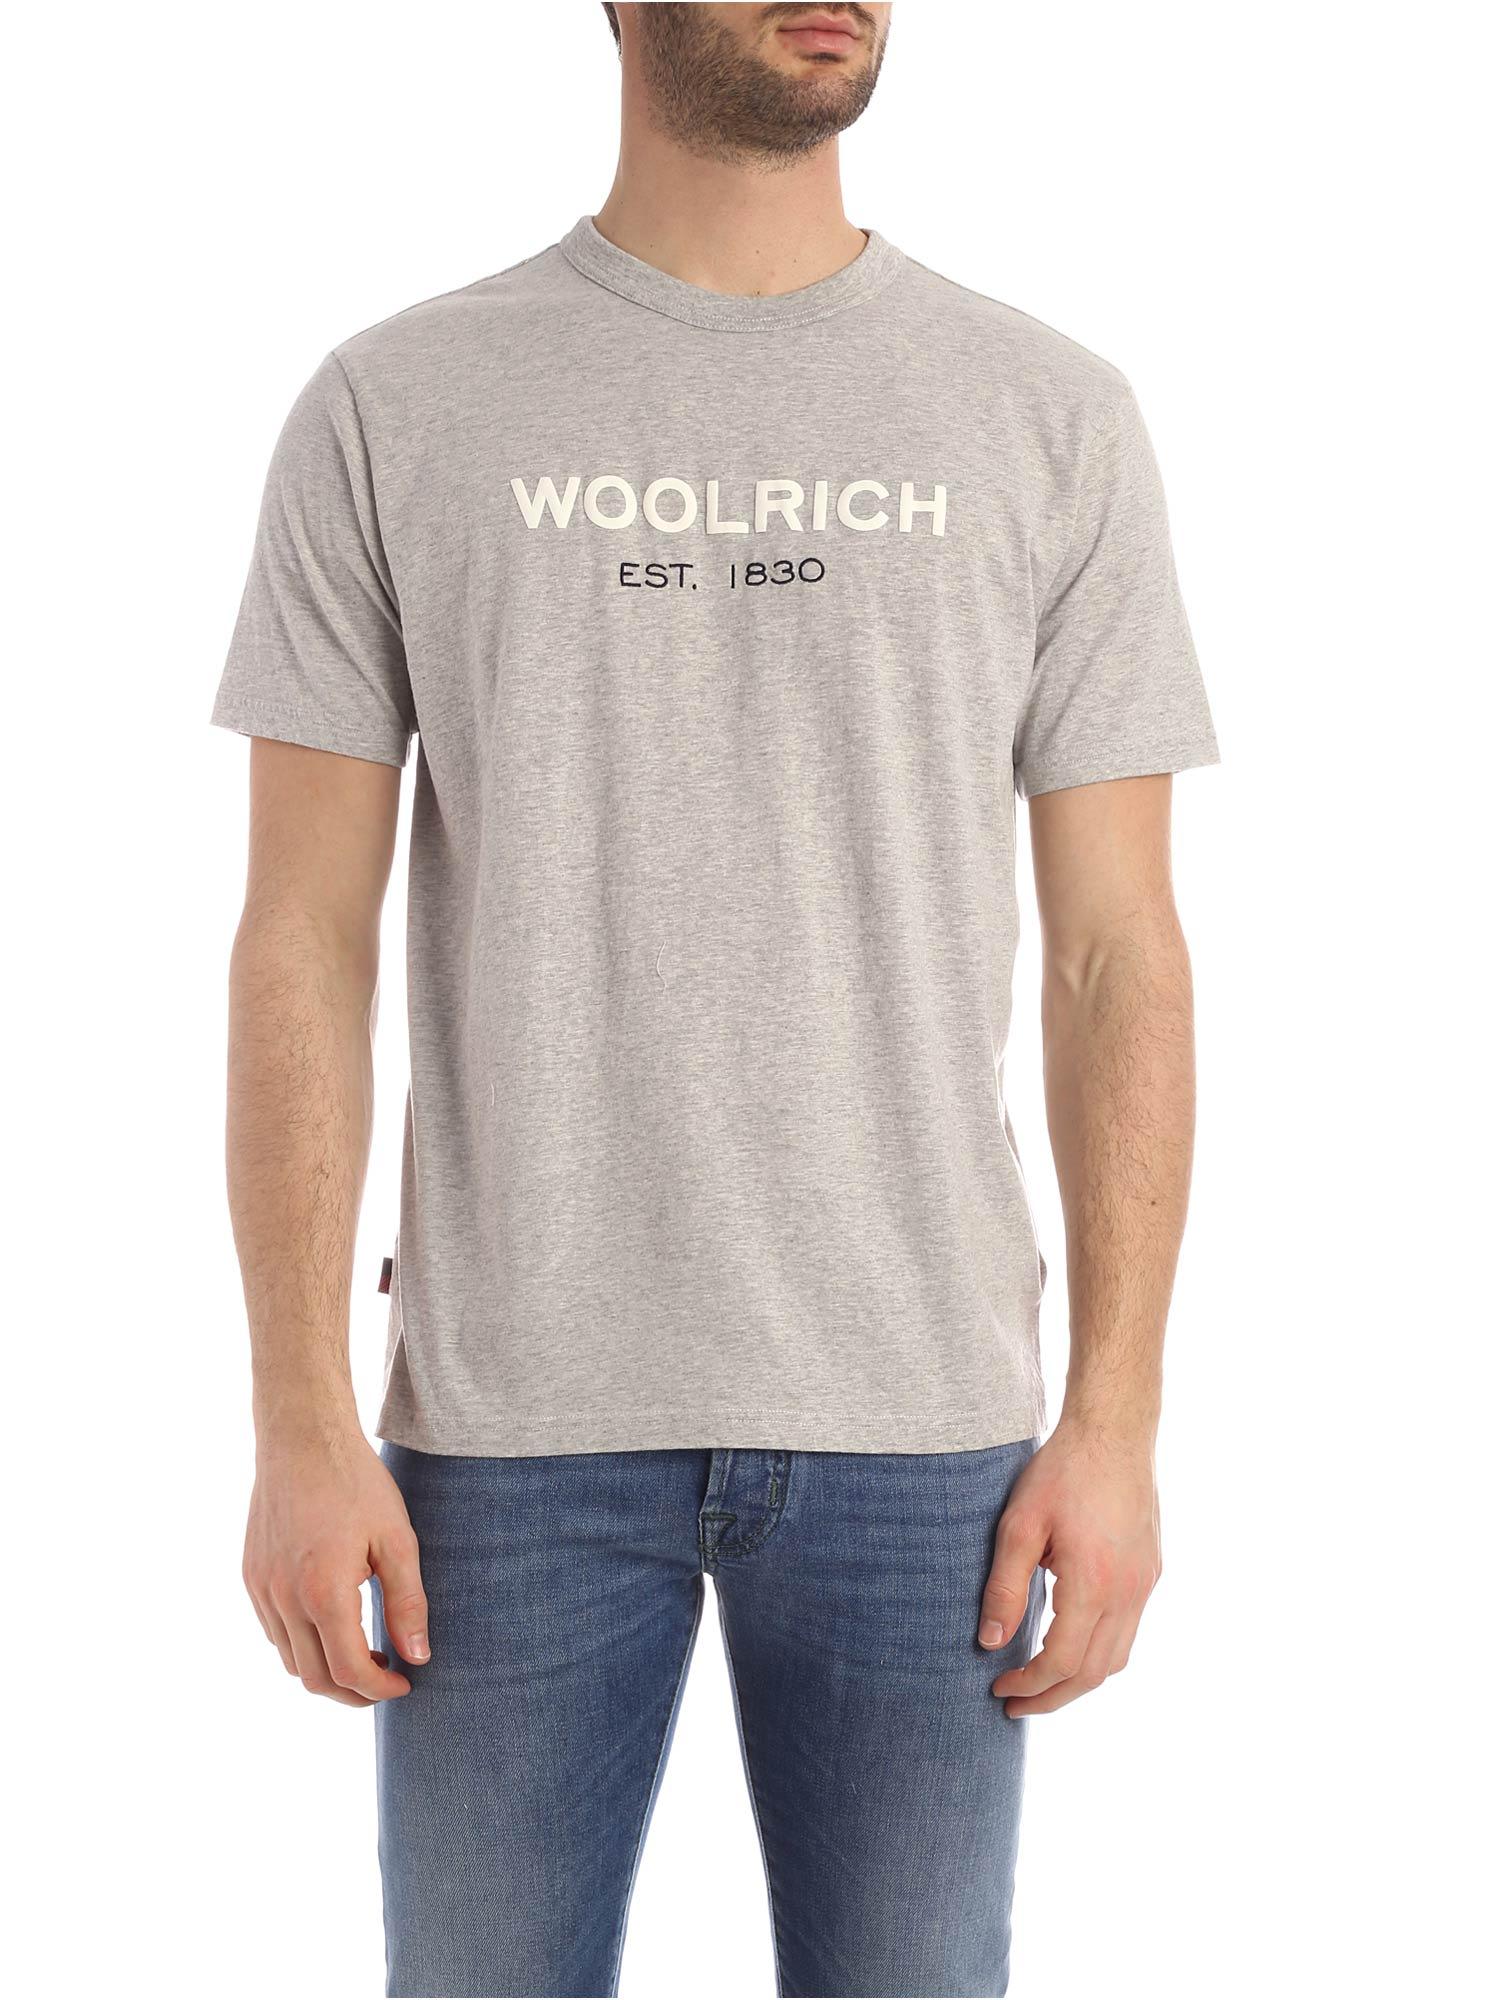 Woolrich Logo Tee